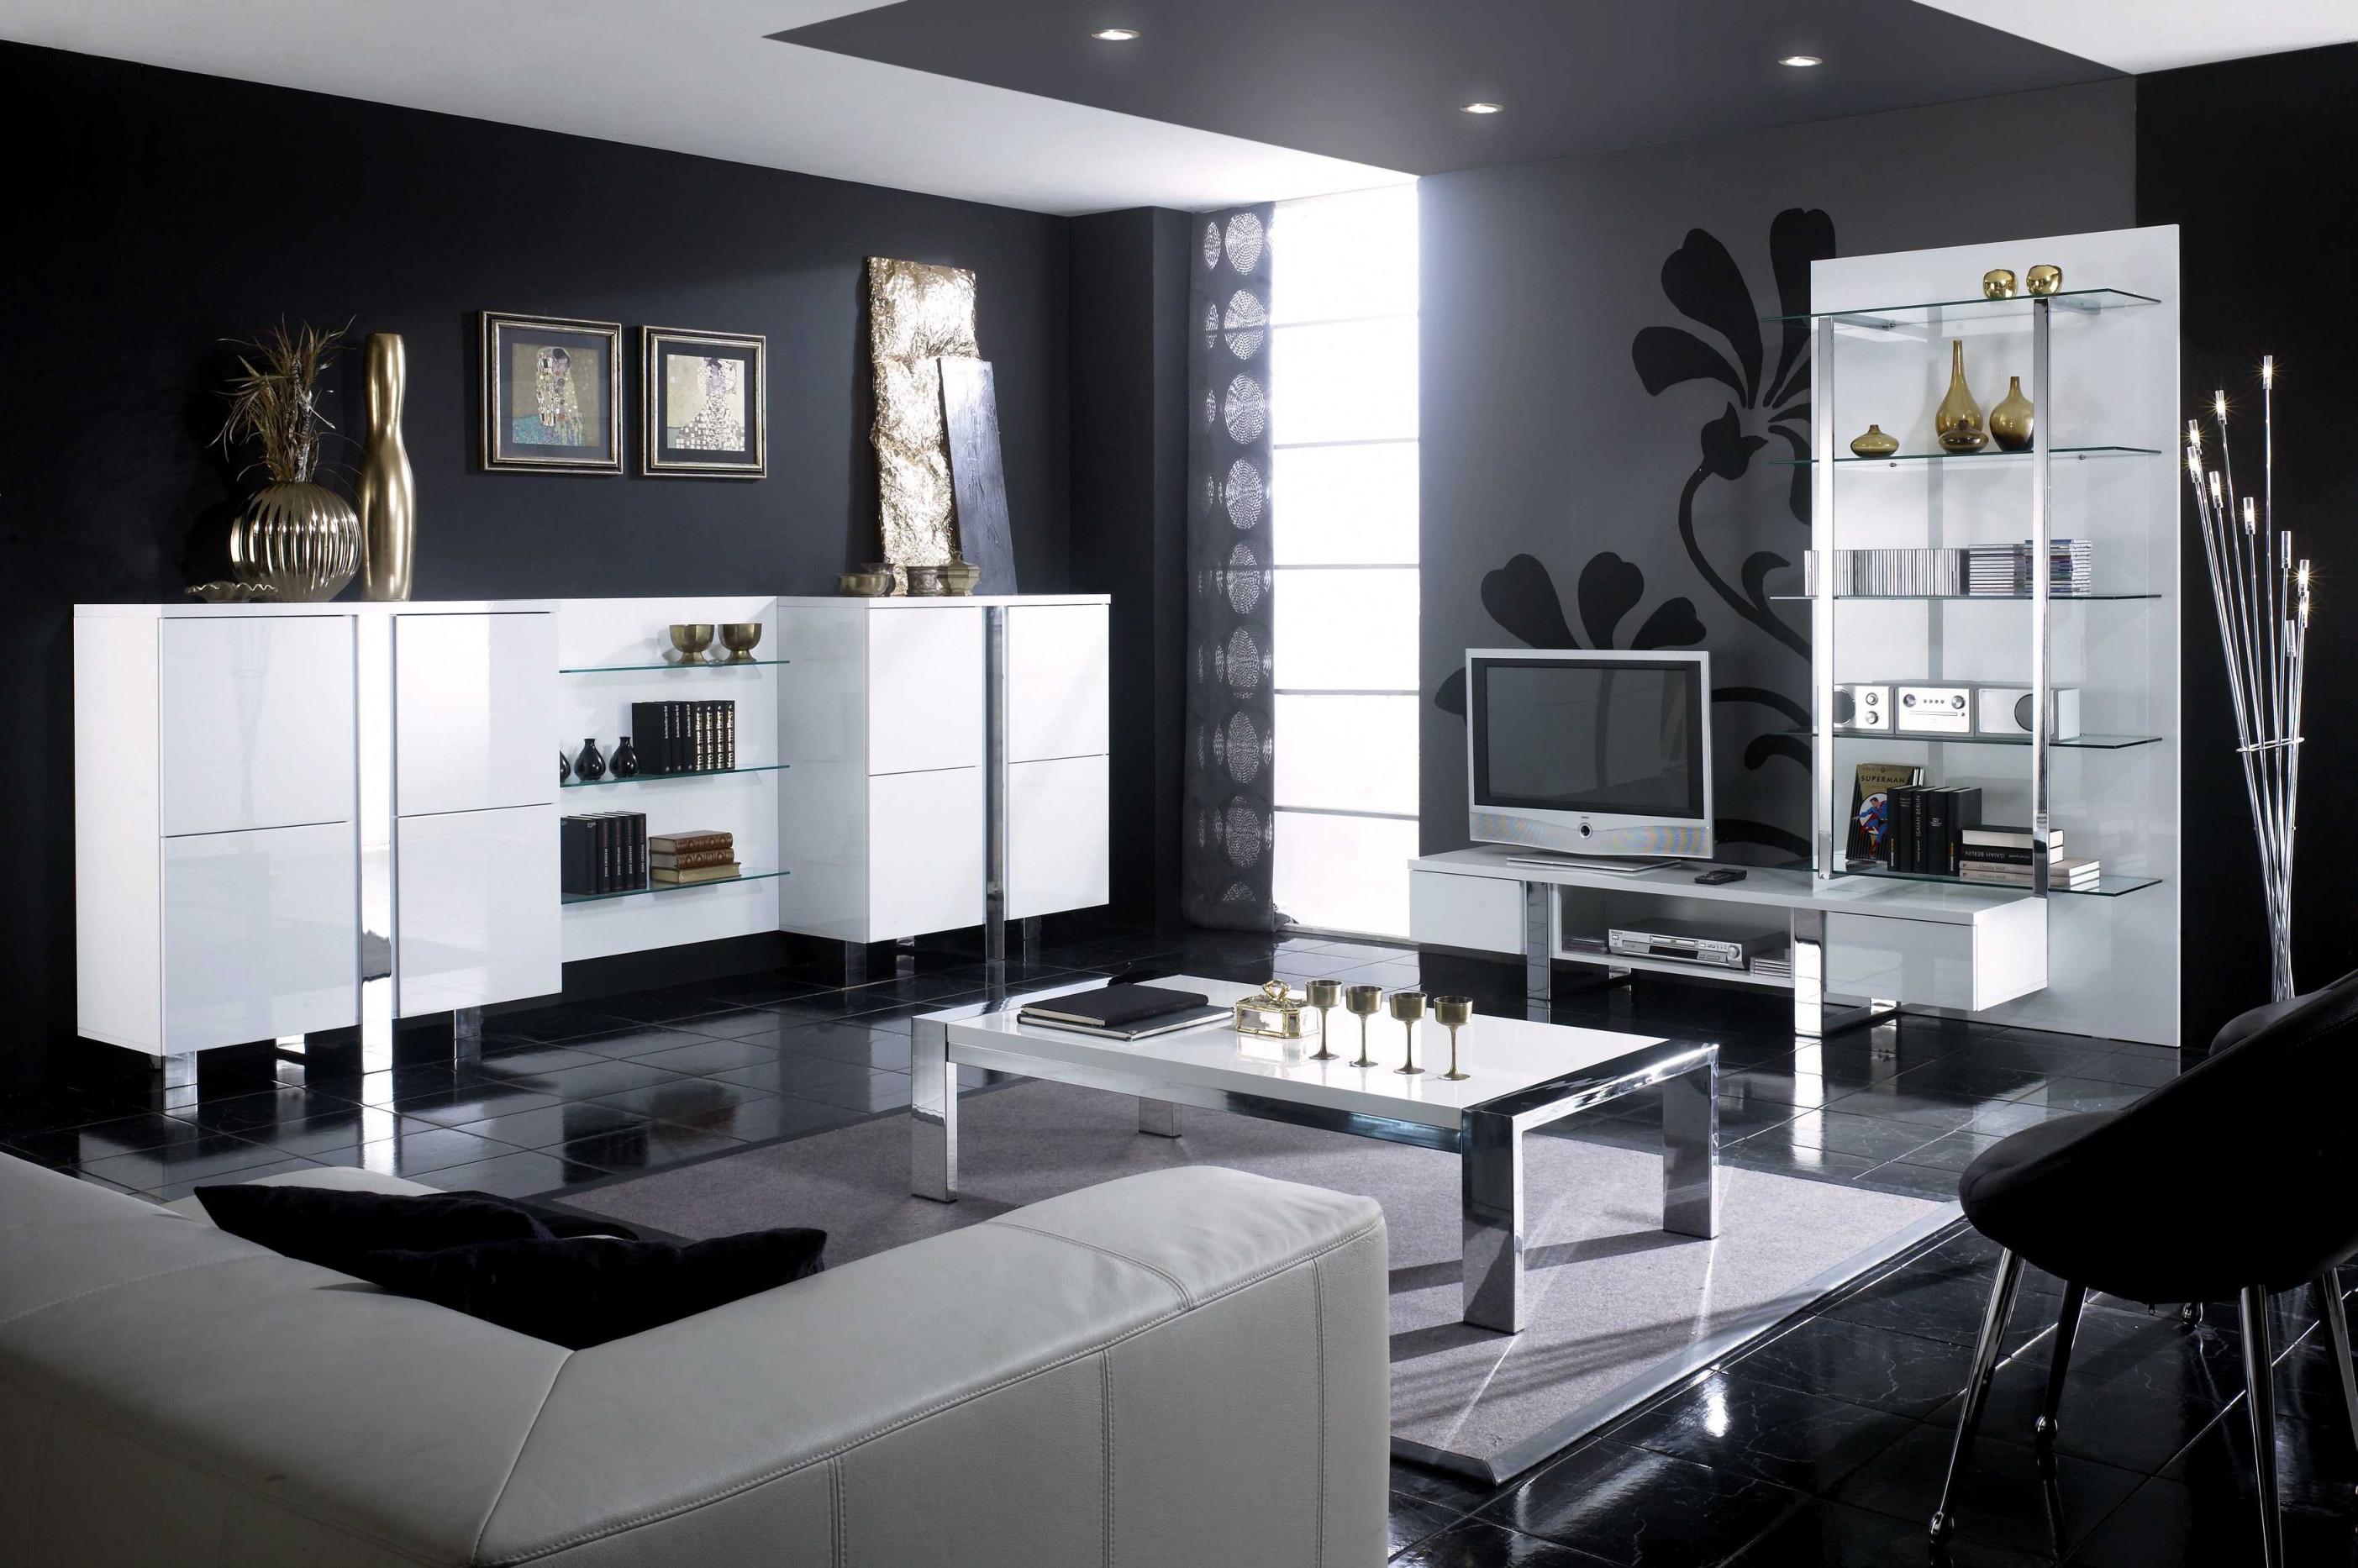 Moderne Bilder Wohnzimmer Schwarz Weiss – Caseconrad von